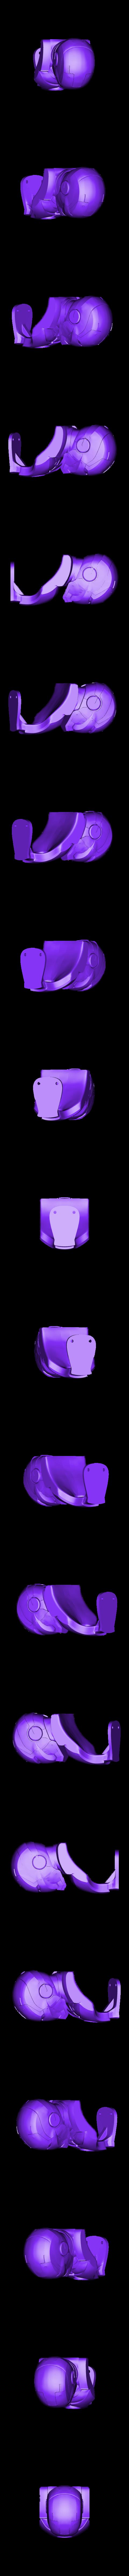 ironman_bust_max7th.stl Télécharger fichier STL gratuit IRON MAN BUST_by max7th • Design pour imprimante 3D, kimjh